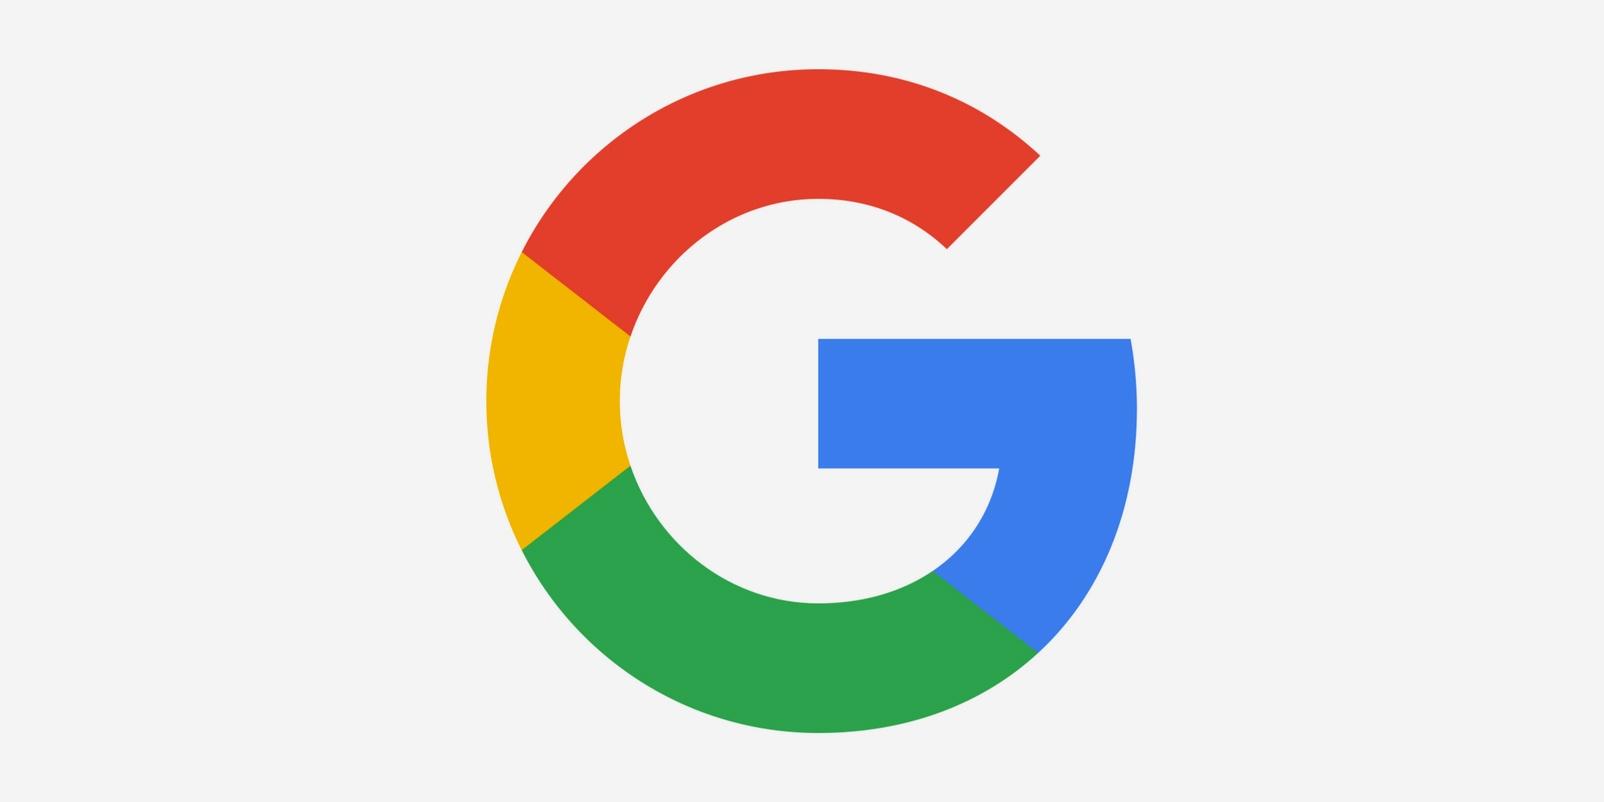 the-secret-history-of-the-google-logo-21.jpg